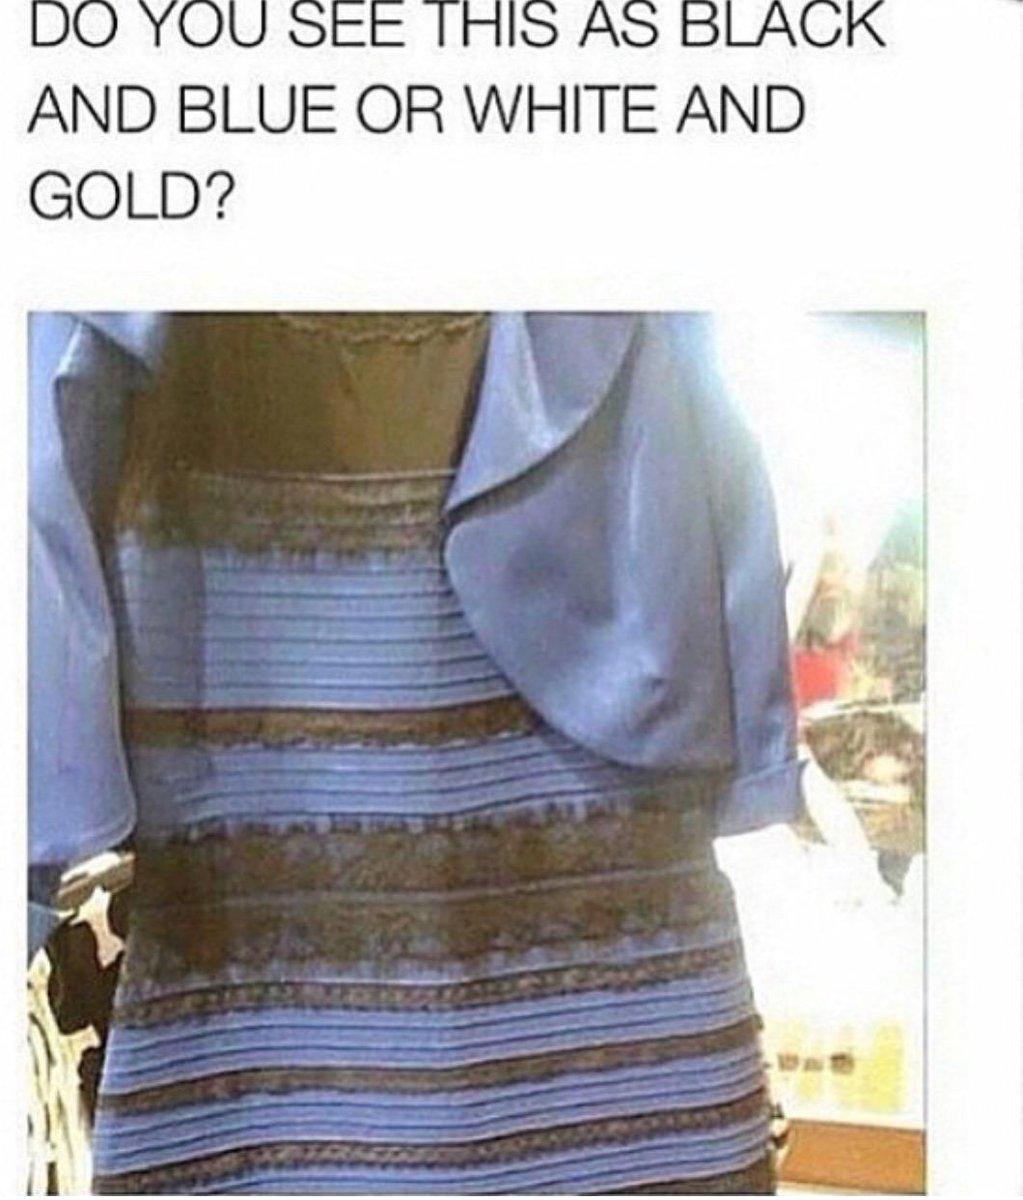 доставим картинка какое платье вы видите нововведения для